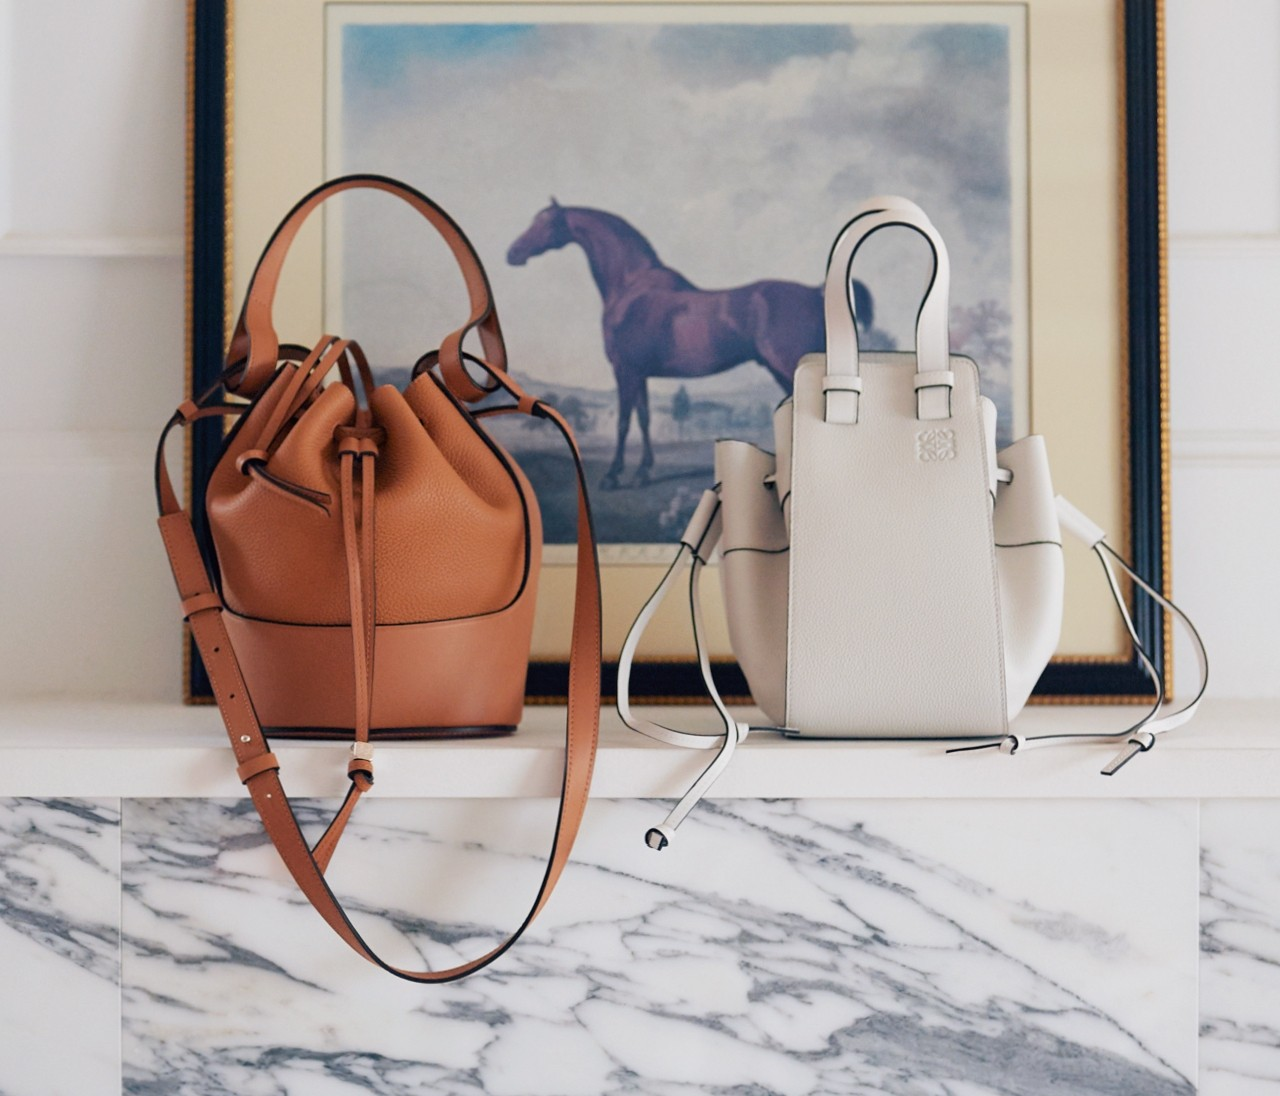 ロエベの人気バッグ、バルーン&ハンモックで選ぶならこの色【30代の新名品】